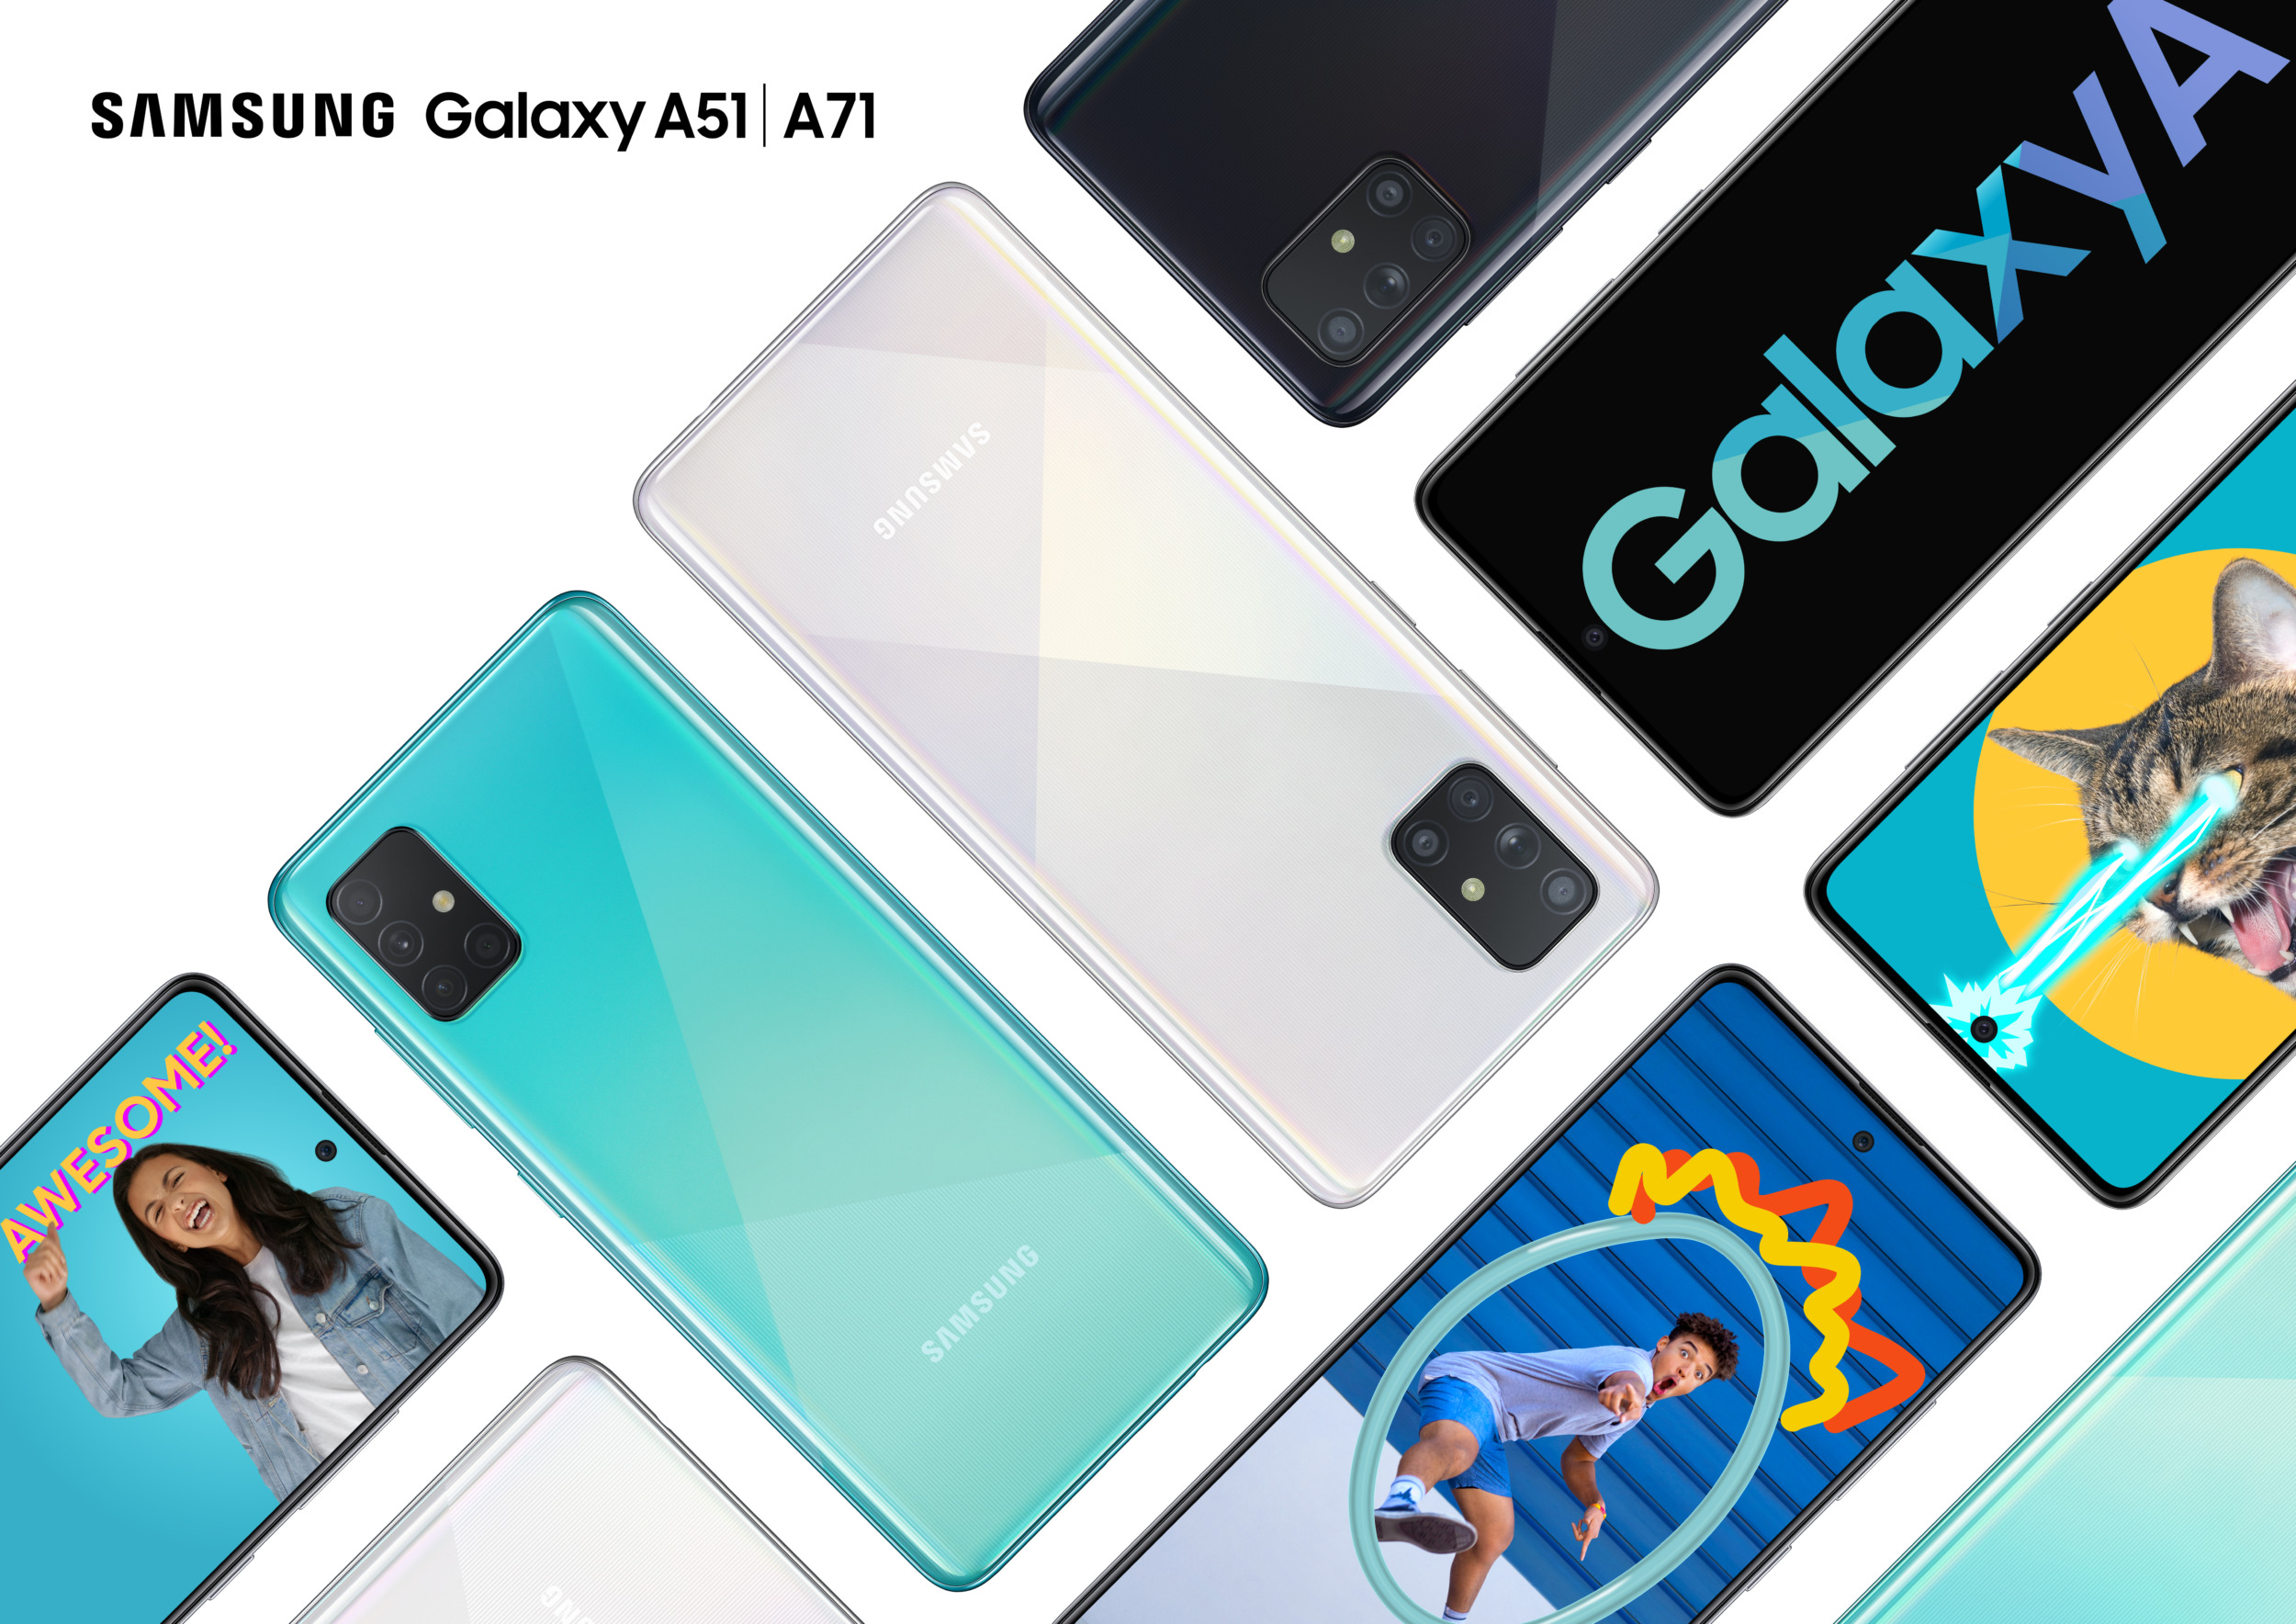 Samsung Galaxy A51 a A71 přichází do Česka, cena startuje na 9 499 Kč